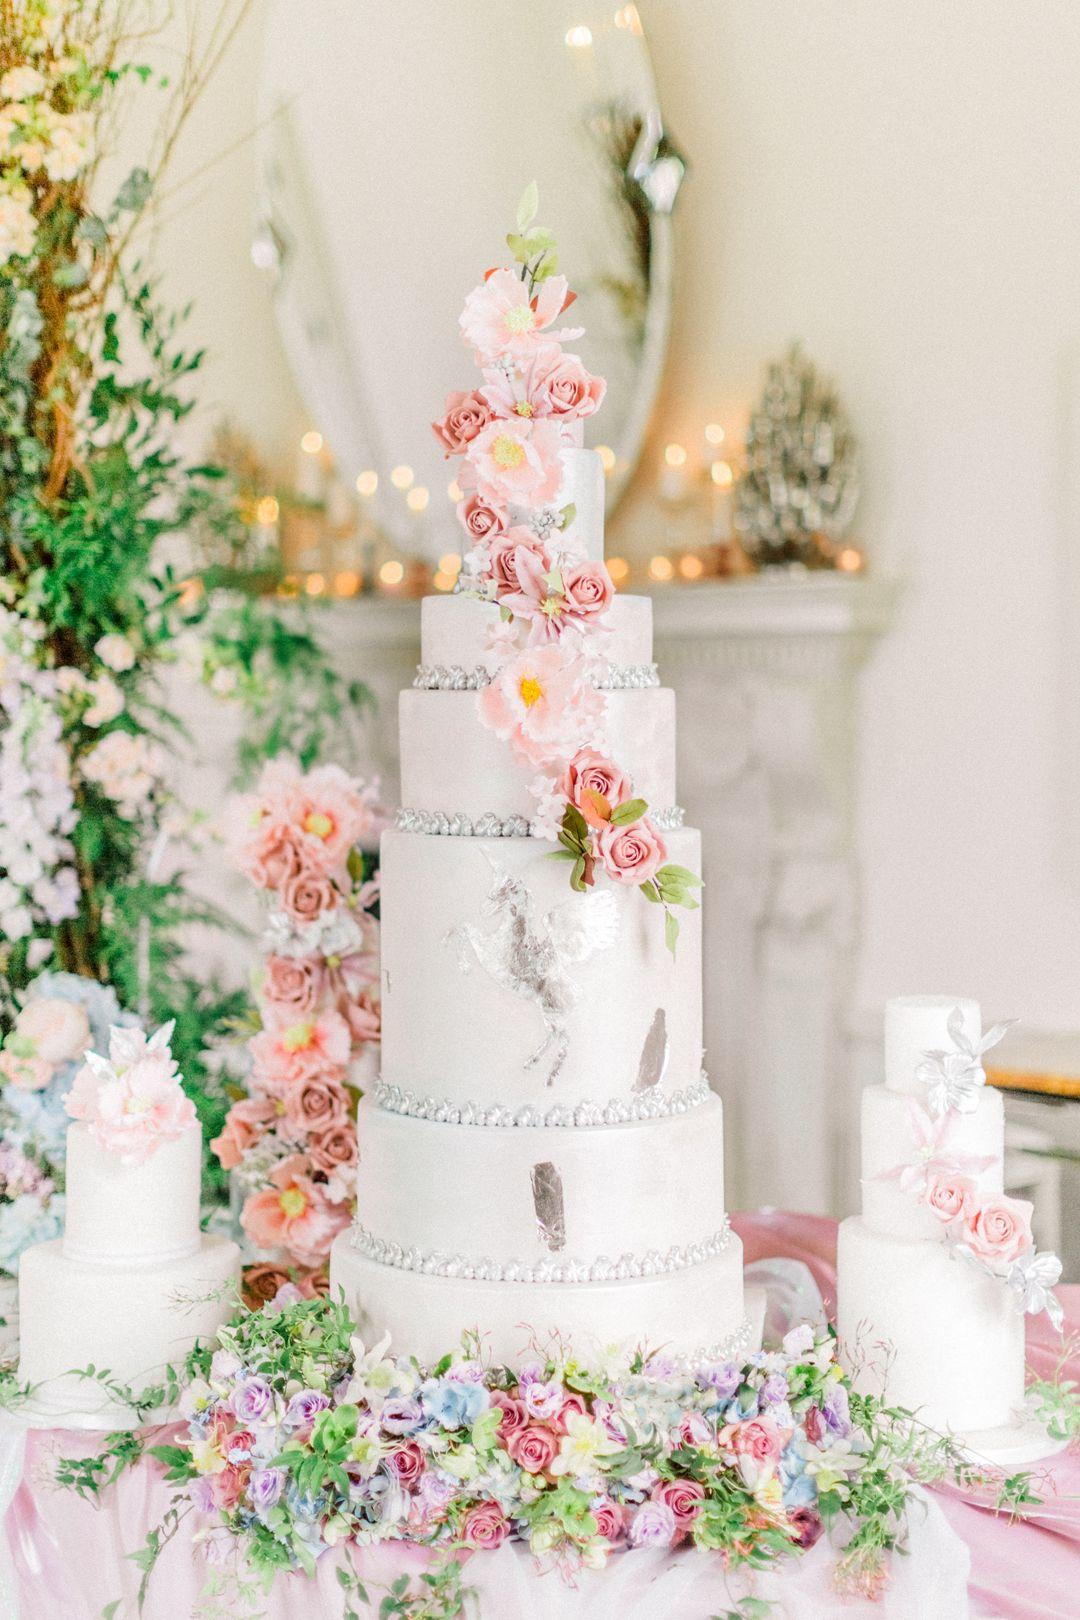 Unicorn Wedding Cake By Elizabeth S Cake Emporium Photo By